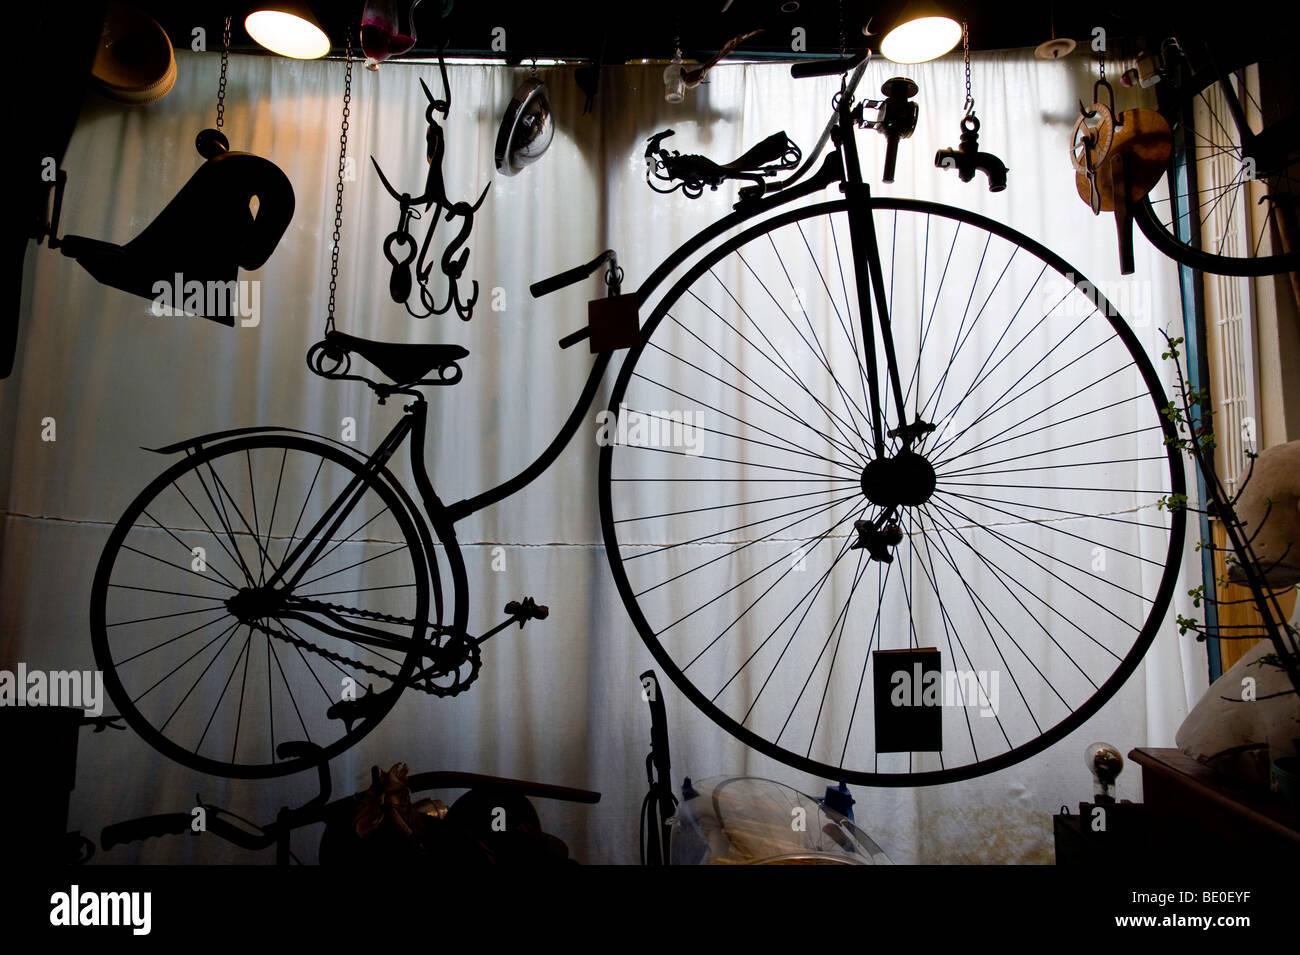 Bicicleta victoriano en la buhardilla, Londres, Reino Unido. Imagen De Stock